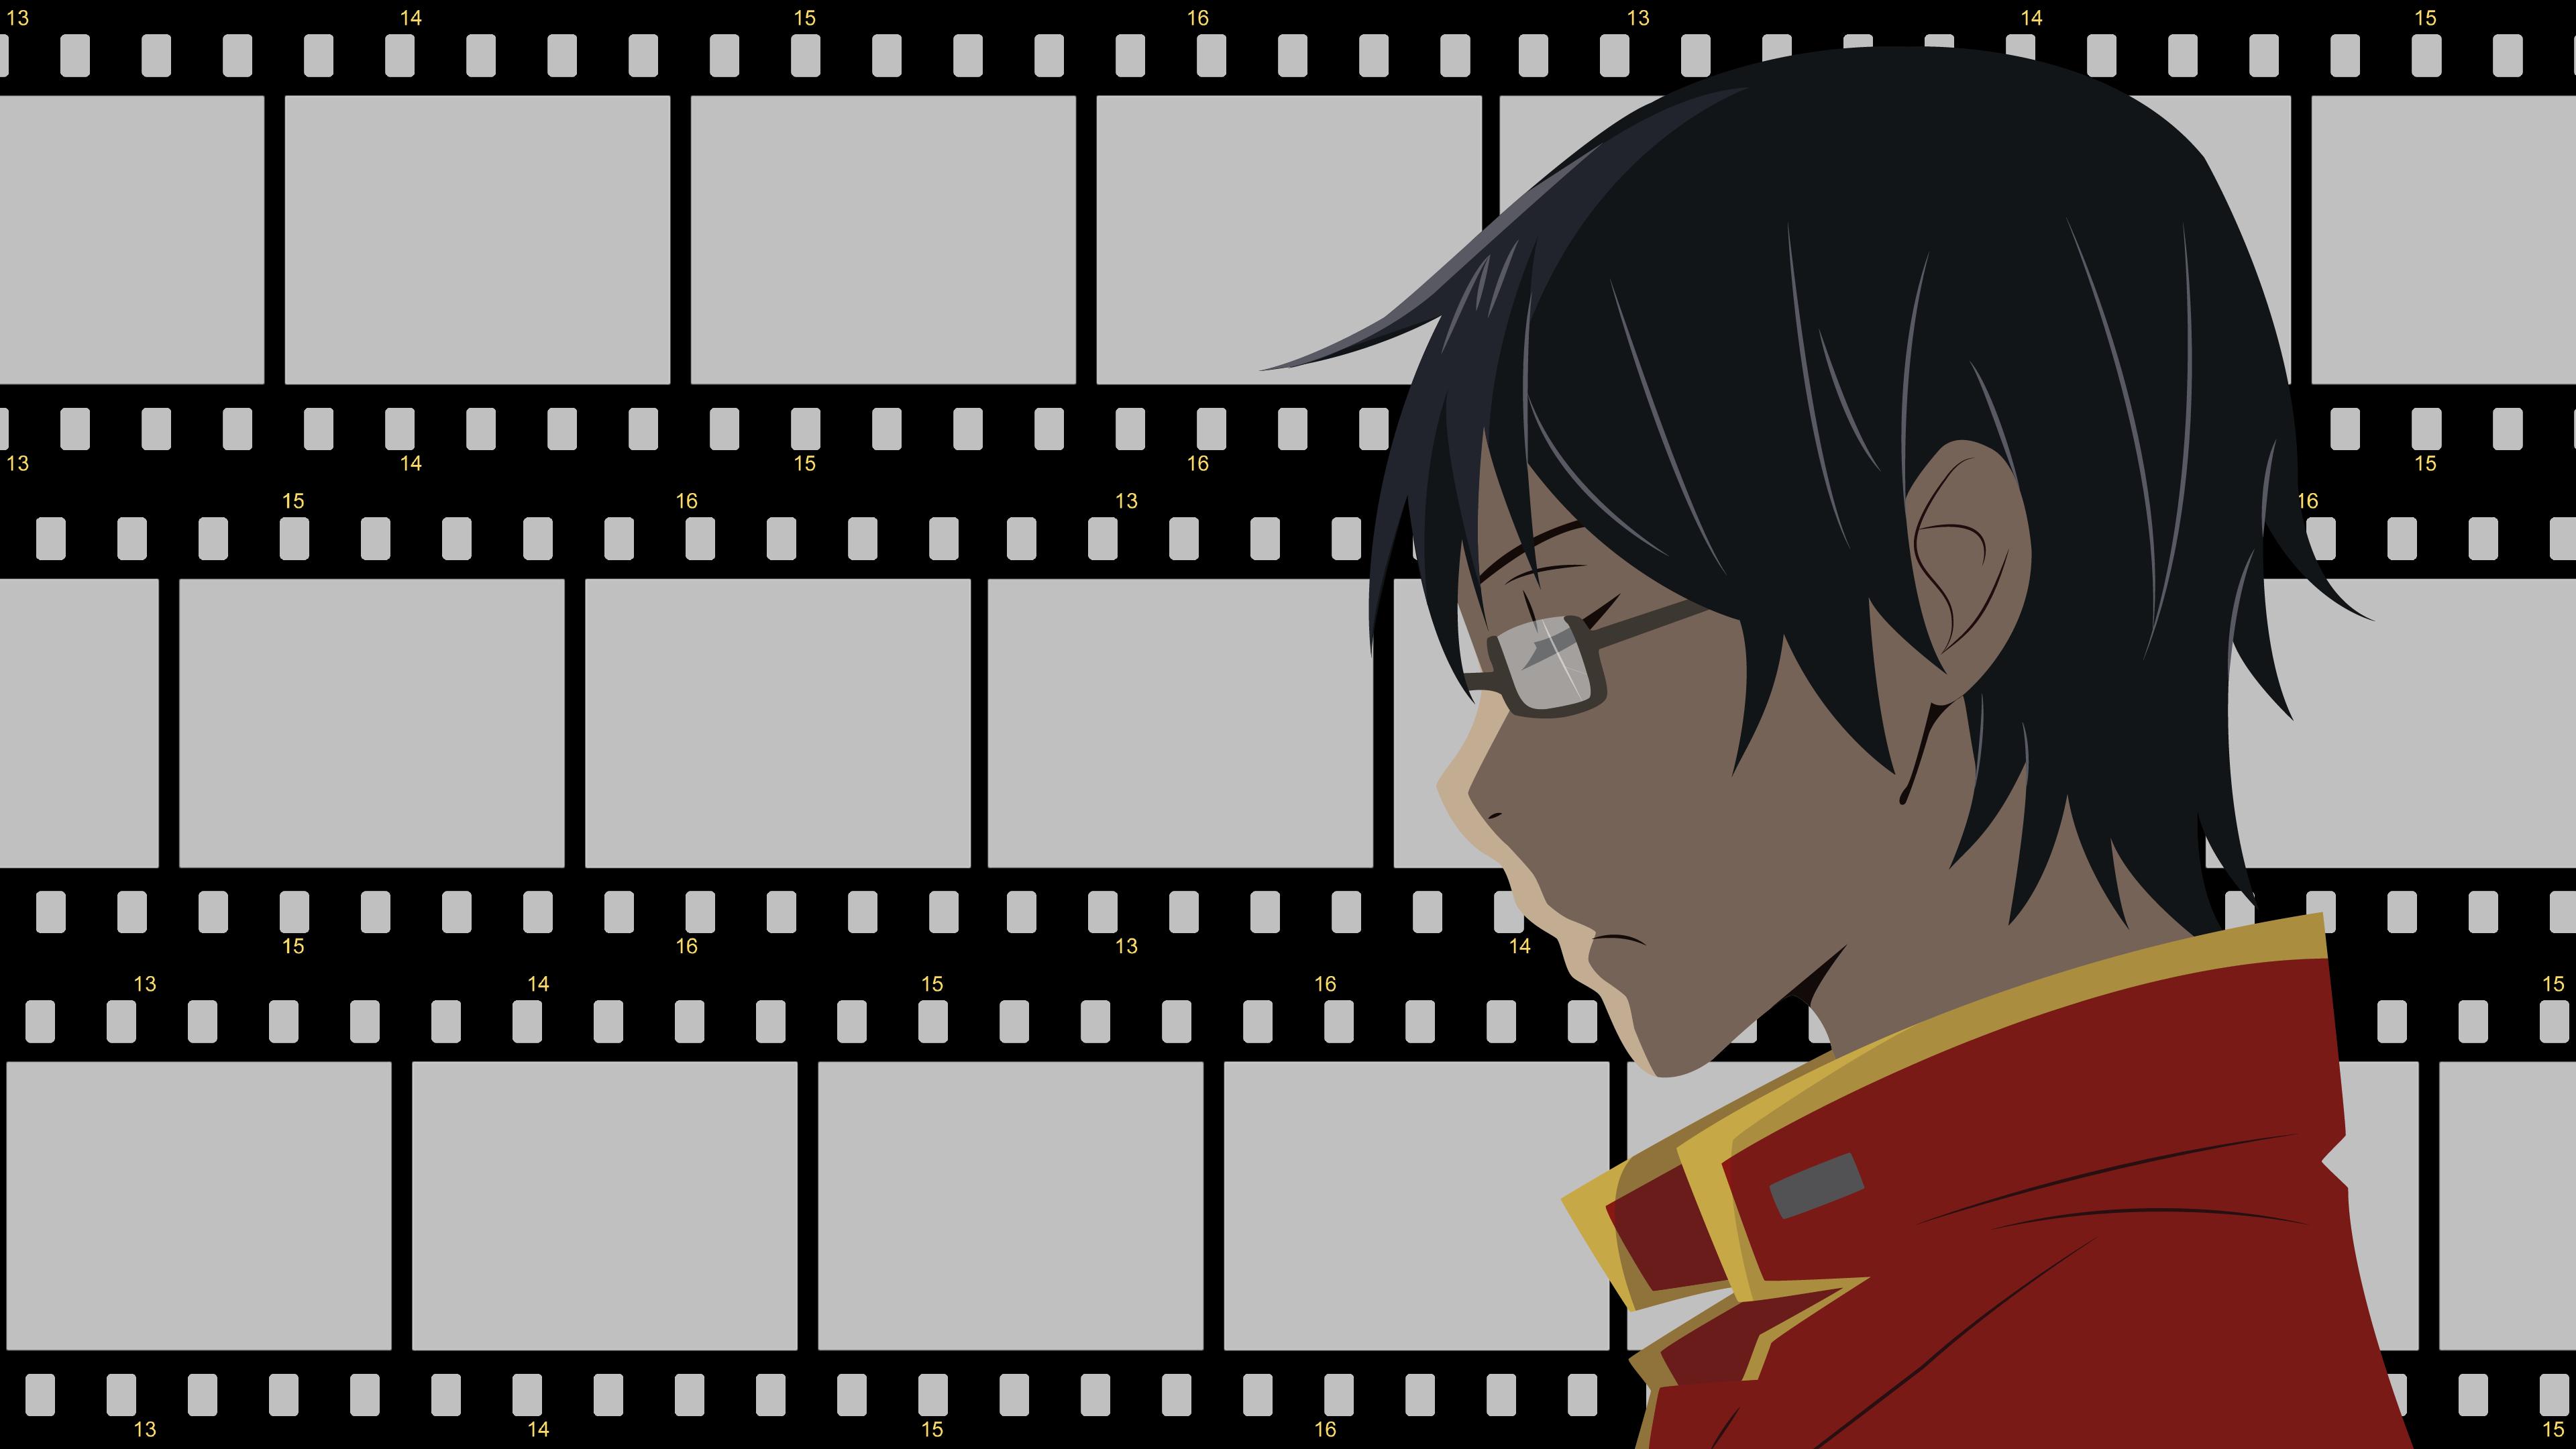 Wallpaper Cartoon Boku Dake Ga Inai Machi Person Screenshot